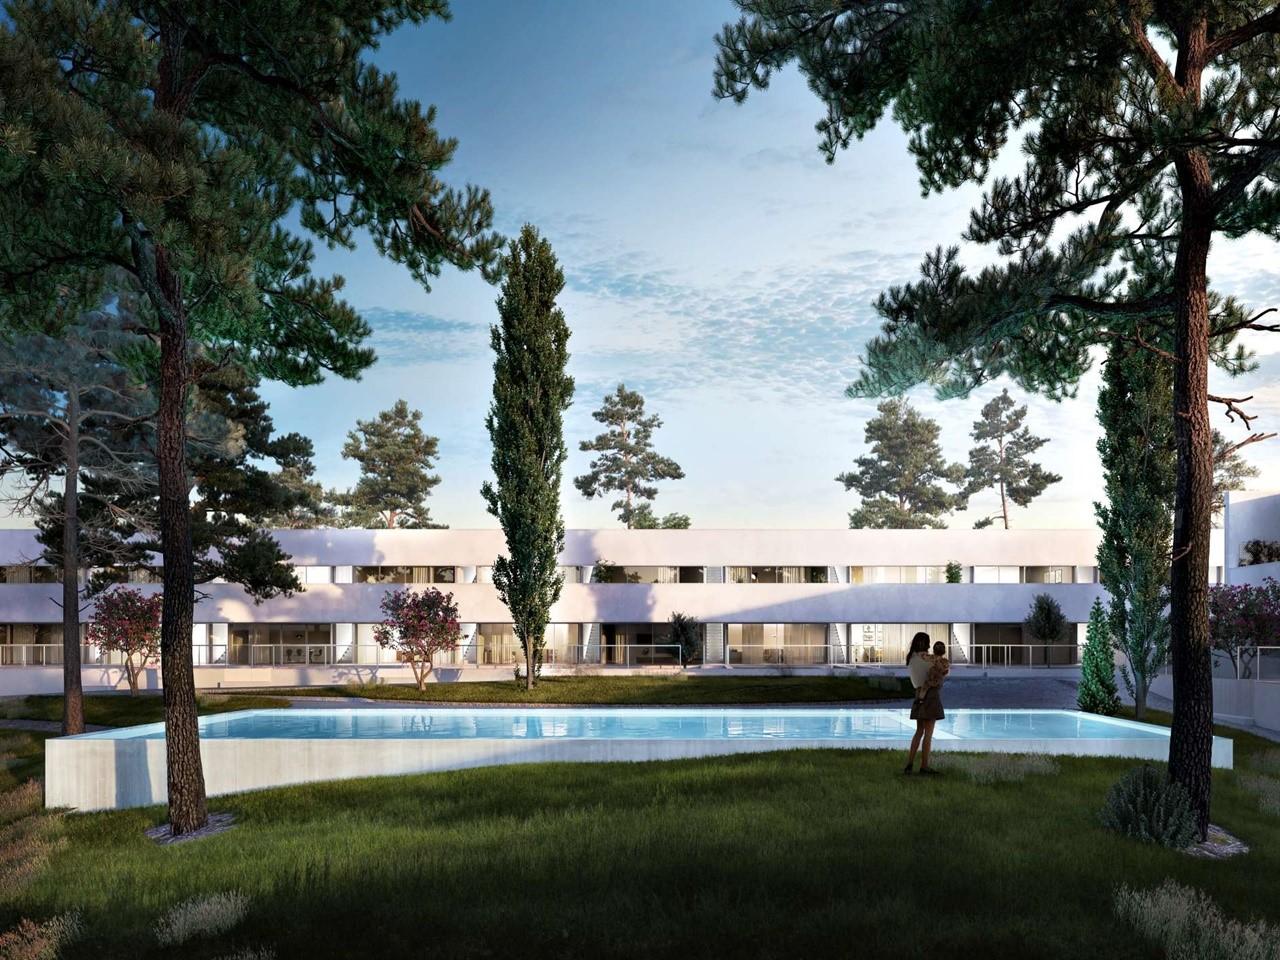 Appartement récemment construit situé à Los Balcones, Torrevieja